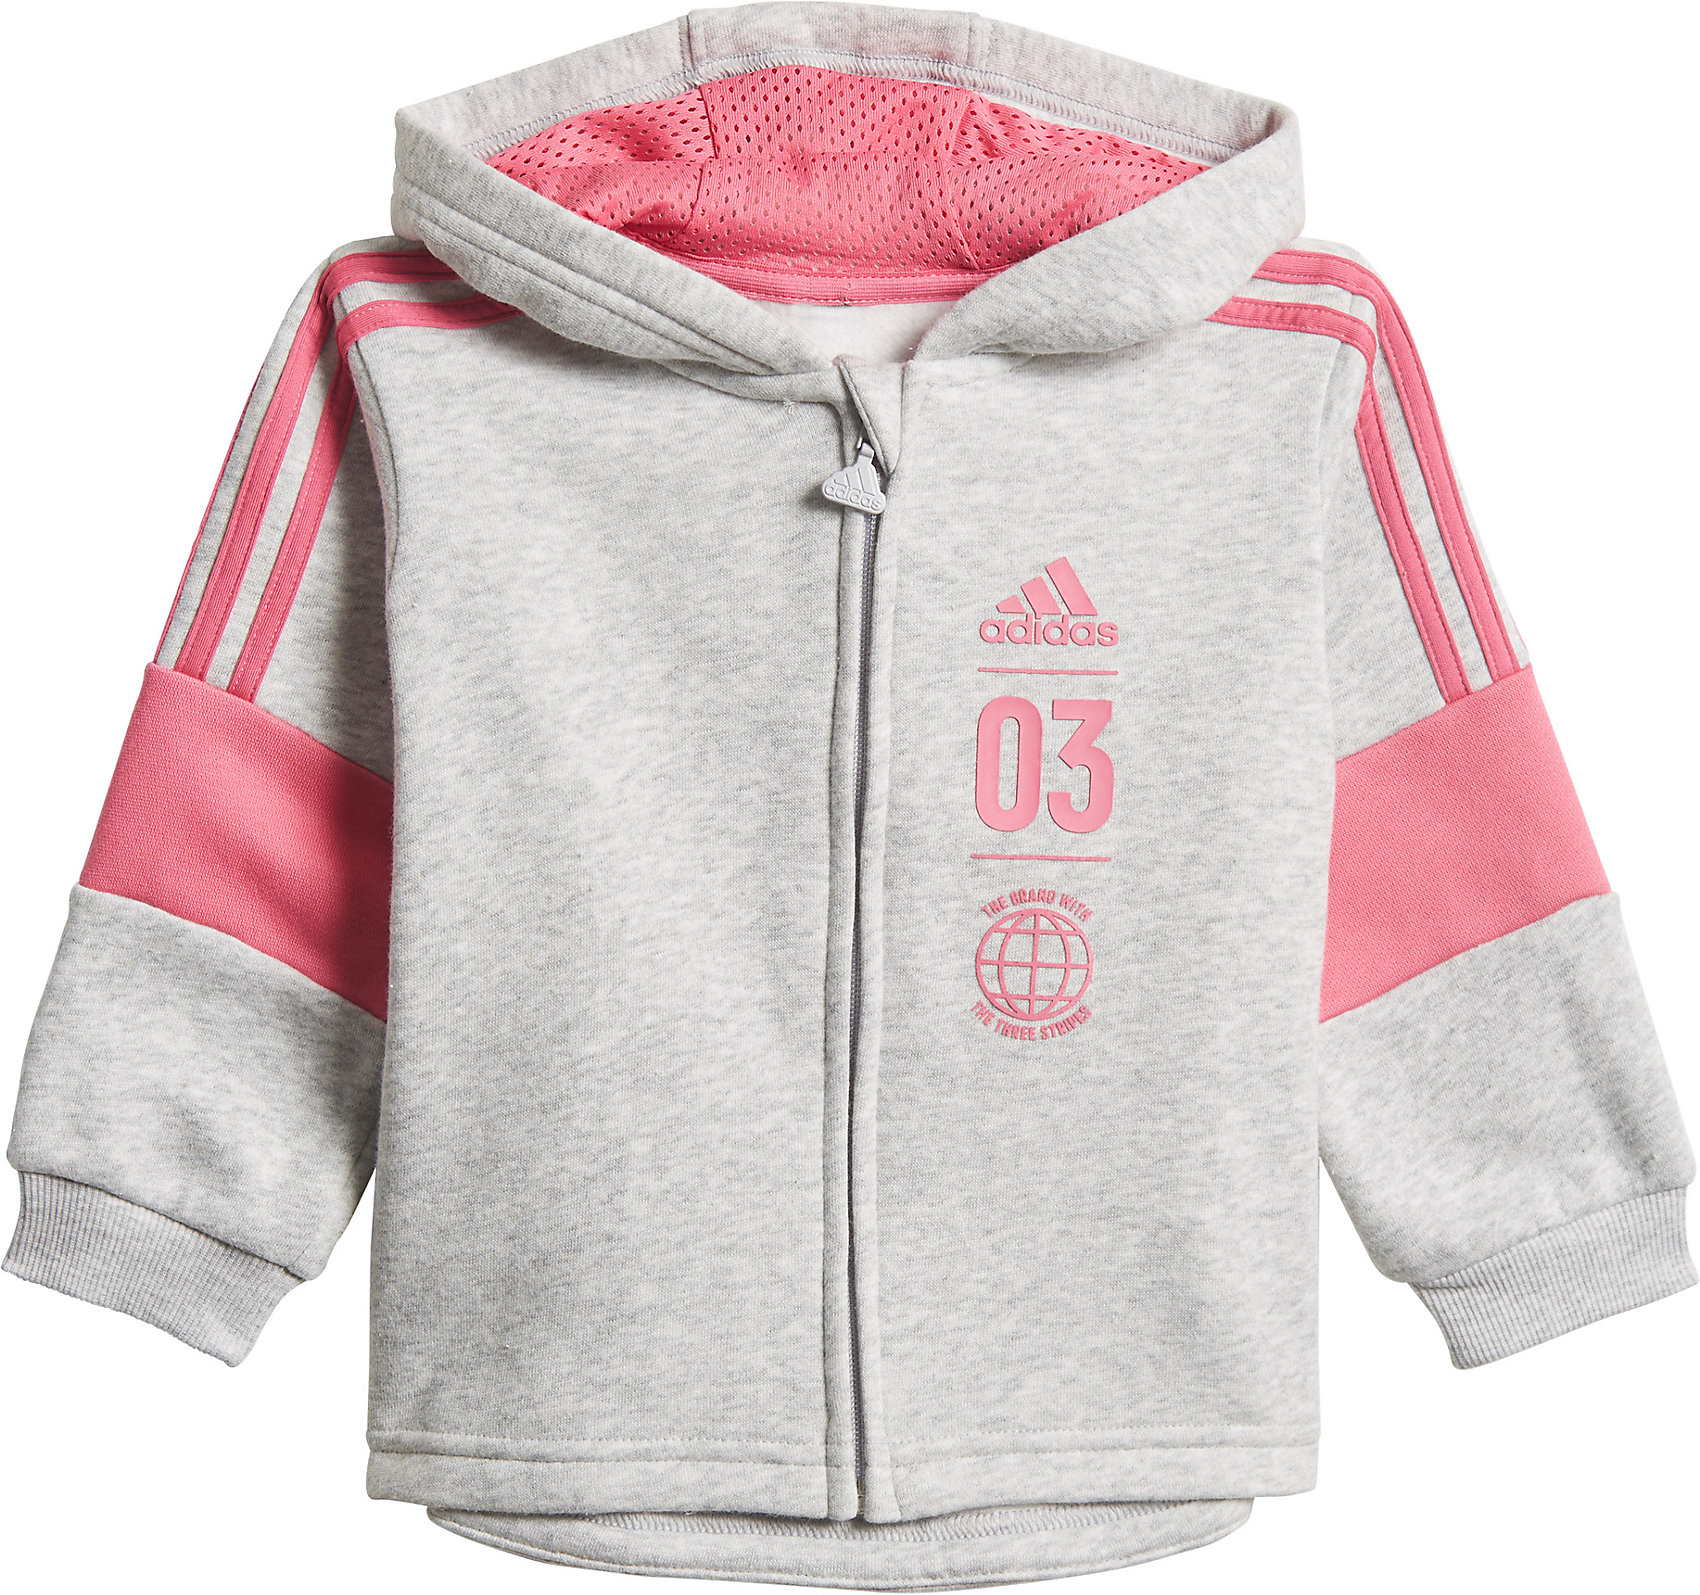 Details zu Neu adidas Performance Baby Jogginganzug LOGO FZHD für Jungen 10287114